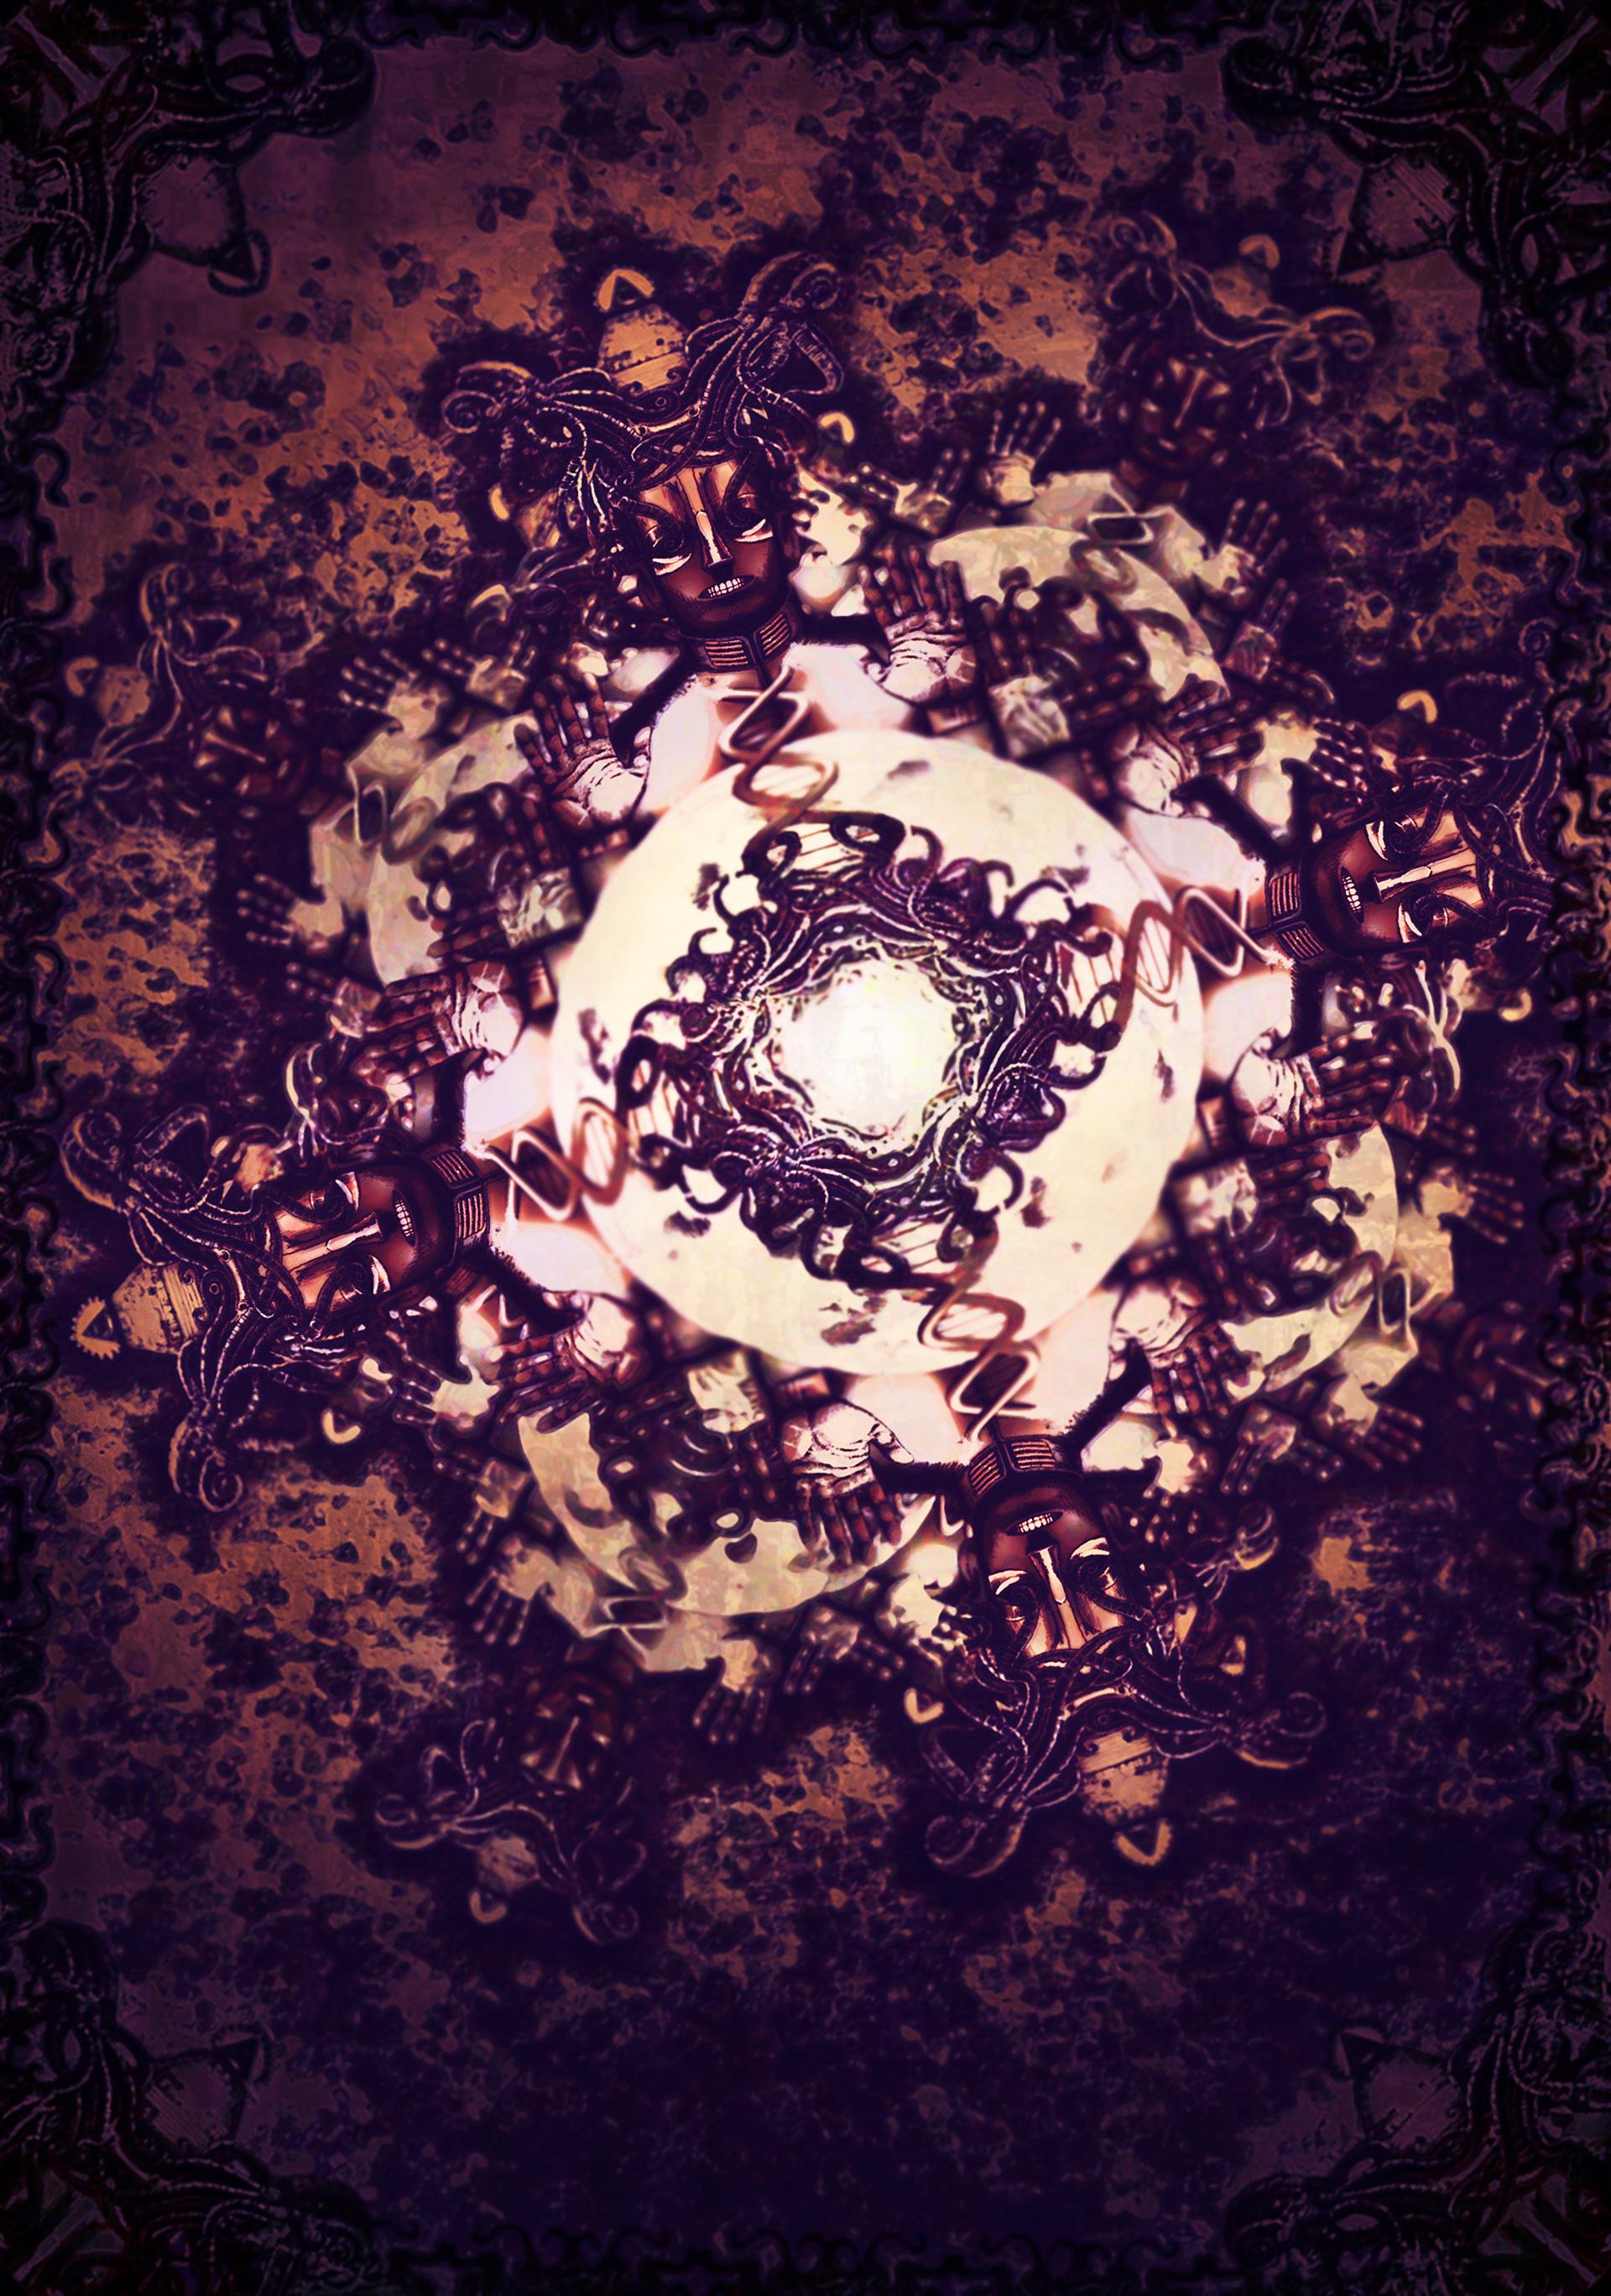 Weird Wallpaper II 1920x2736 by ALFDCLXVI on DeviantArt